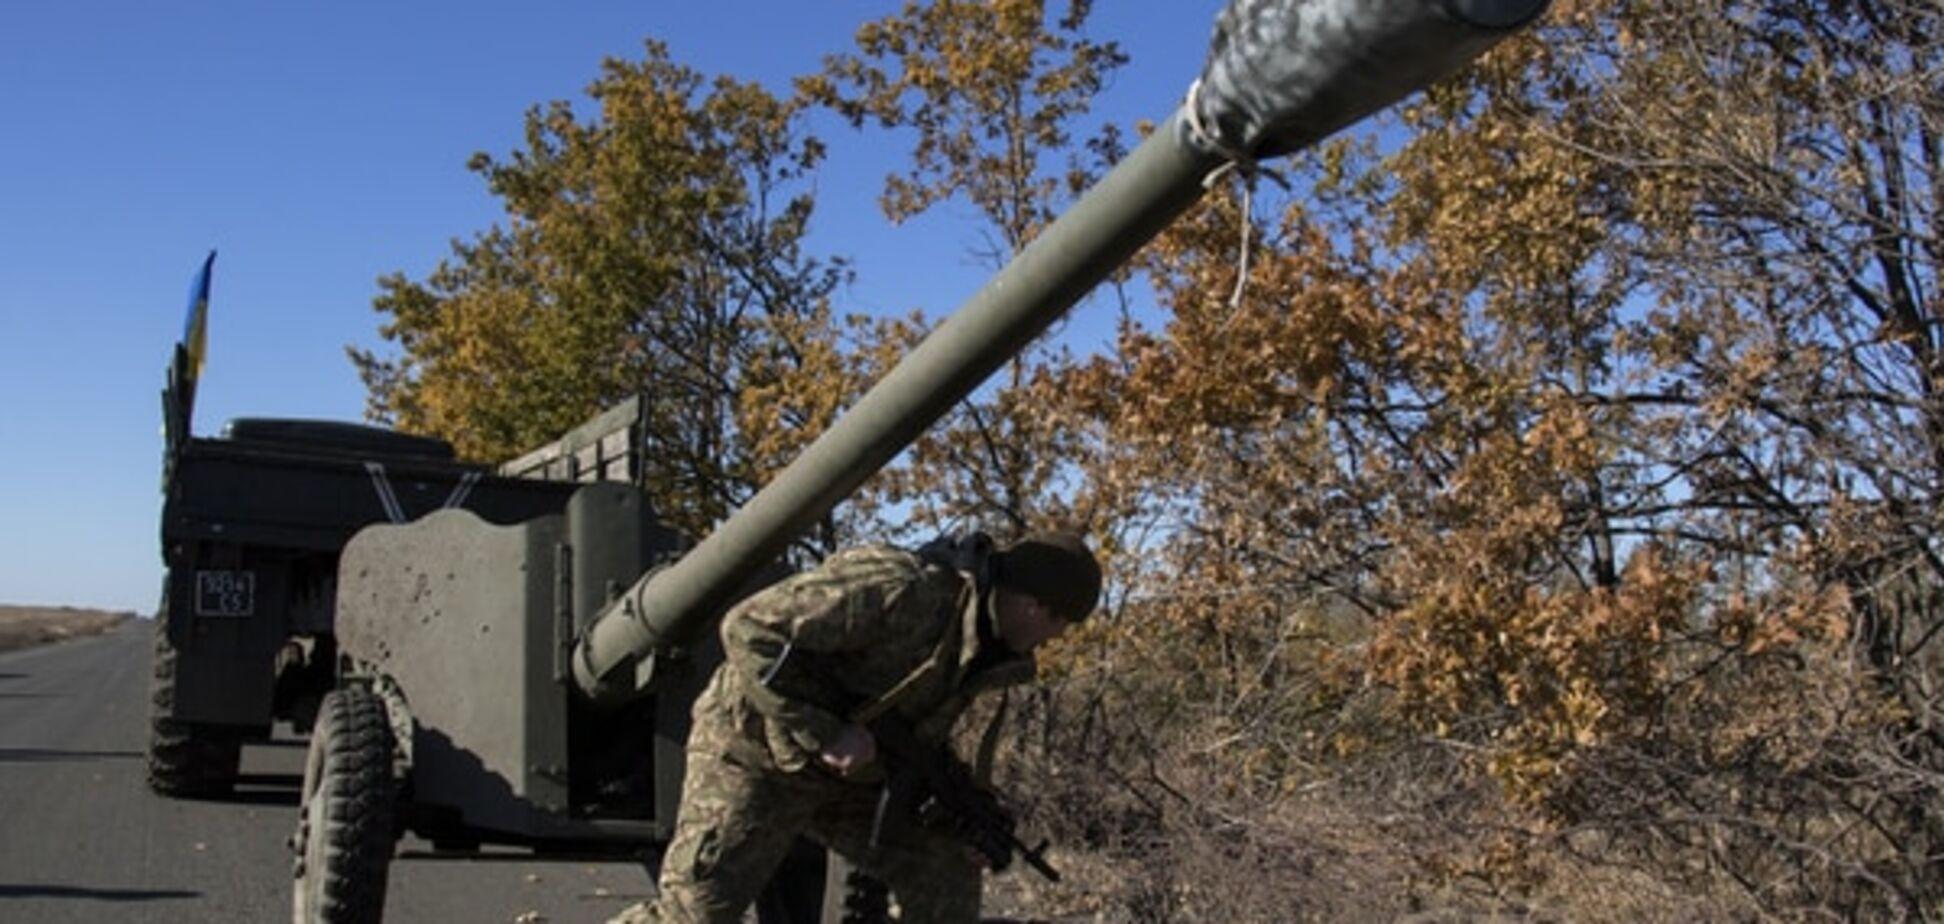 Спекотний листопад: соцмережі повідомили про потужний вибух 'Піона' та стрільбу в Донецьку